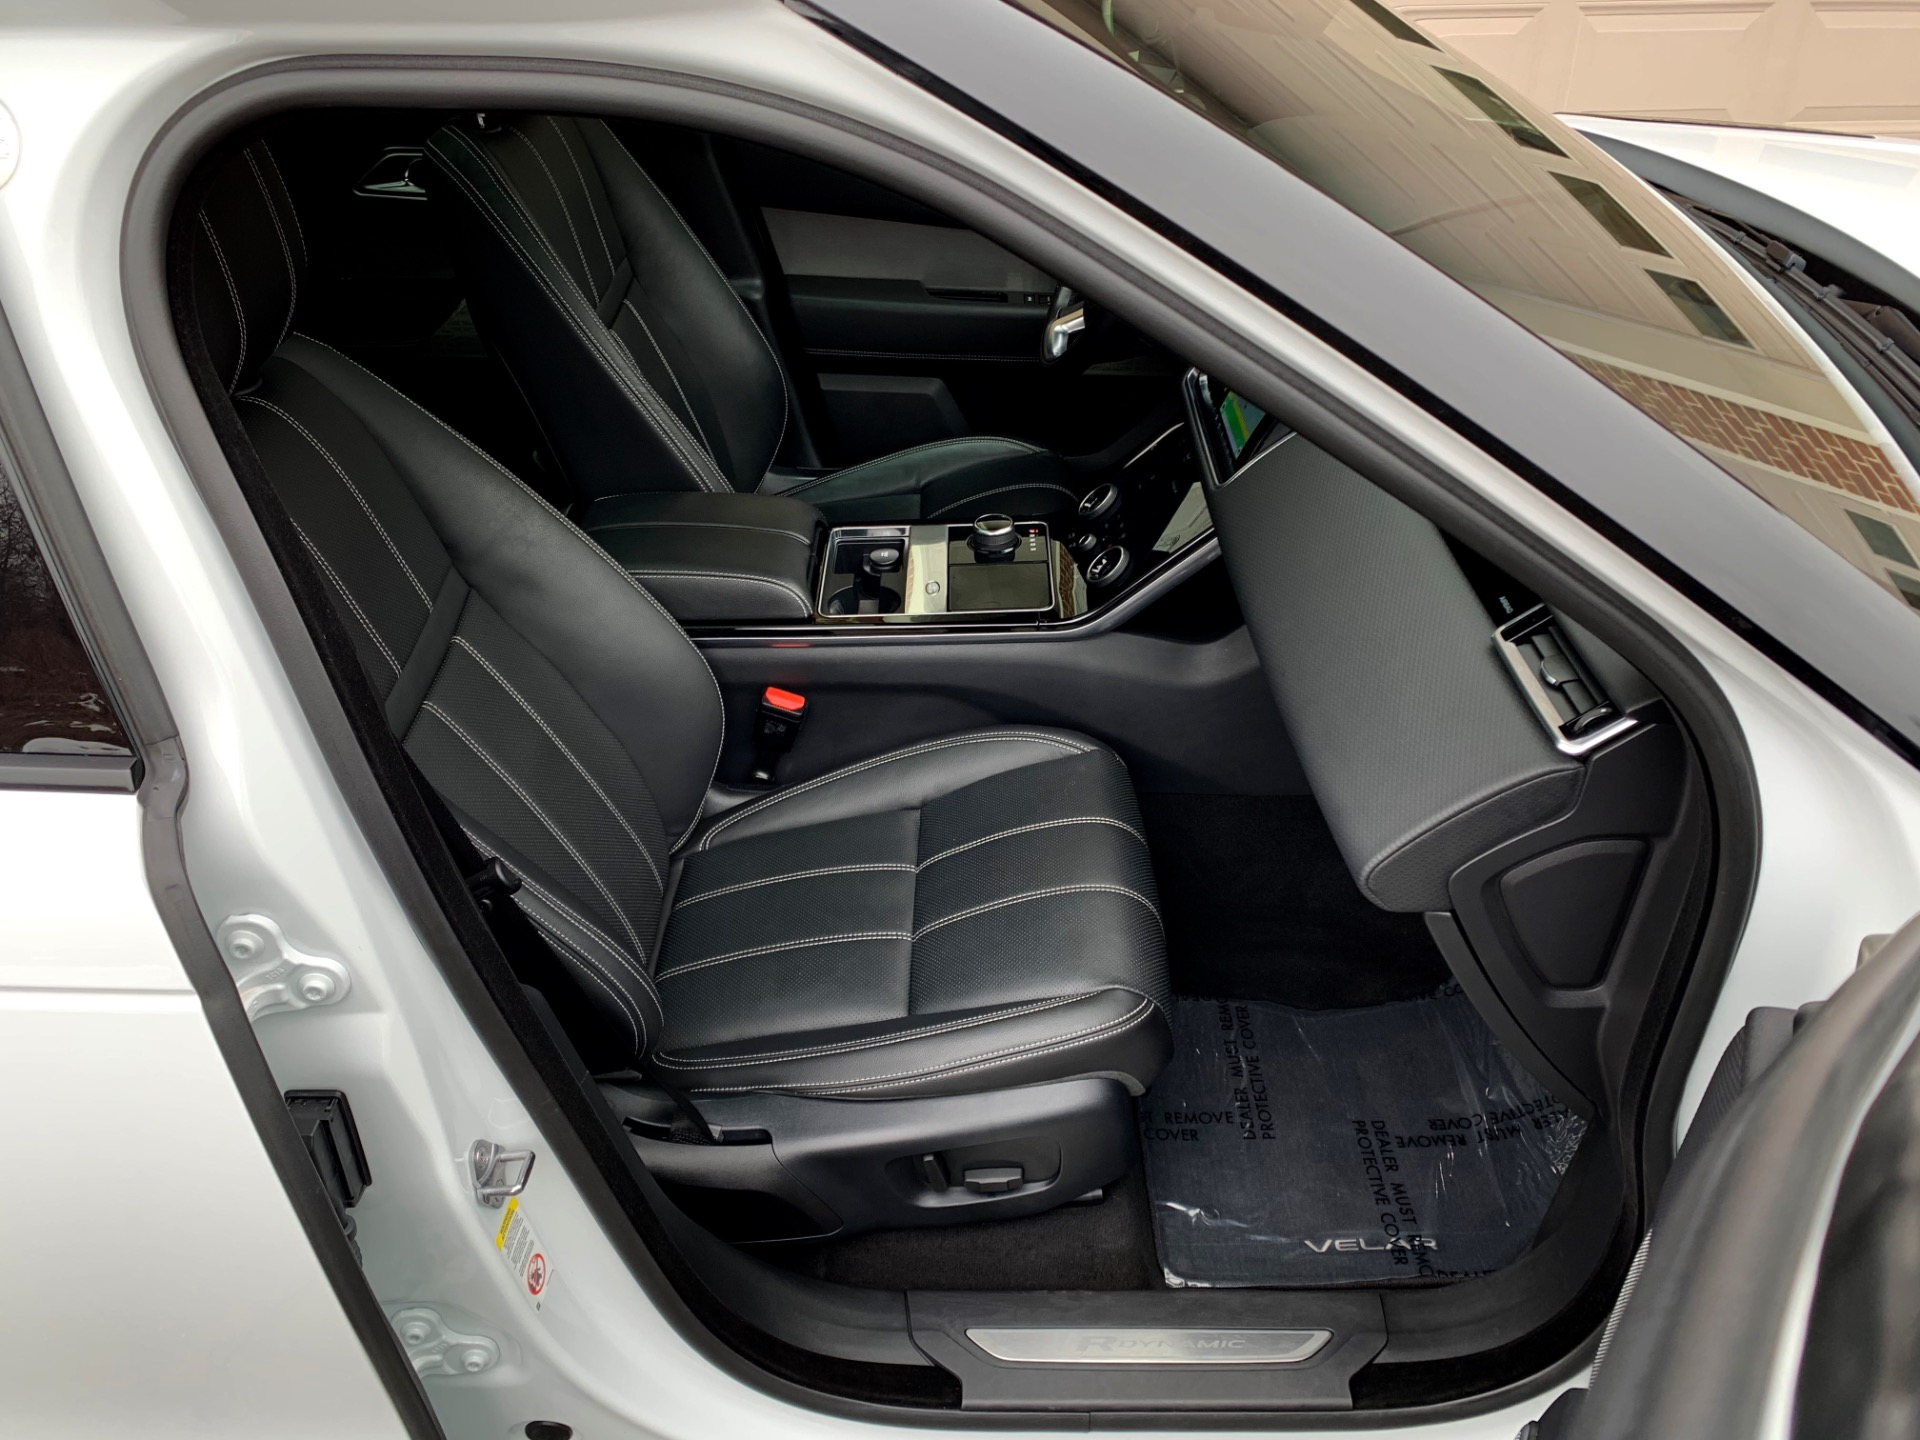 Used-2019-Land-Rover-Range-Rover-Velar-P250-R-Dynamic-SE